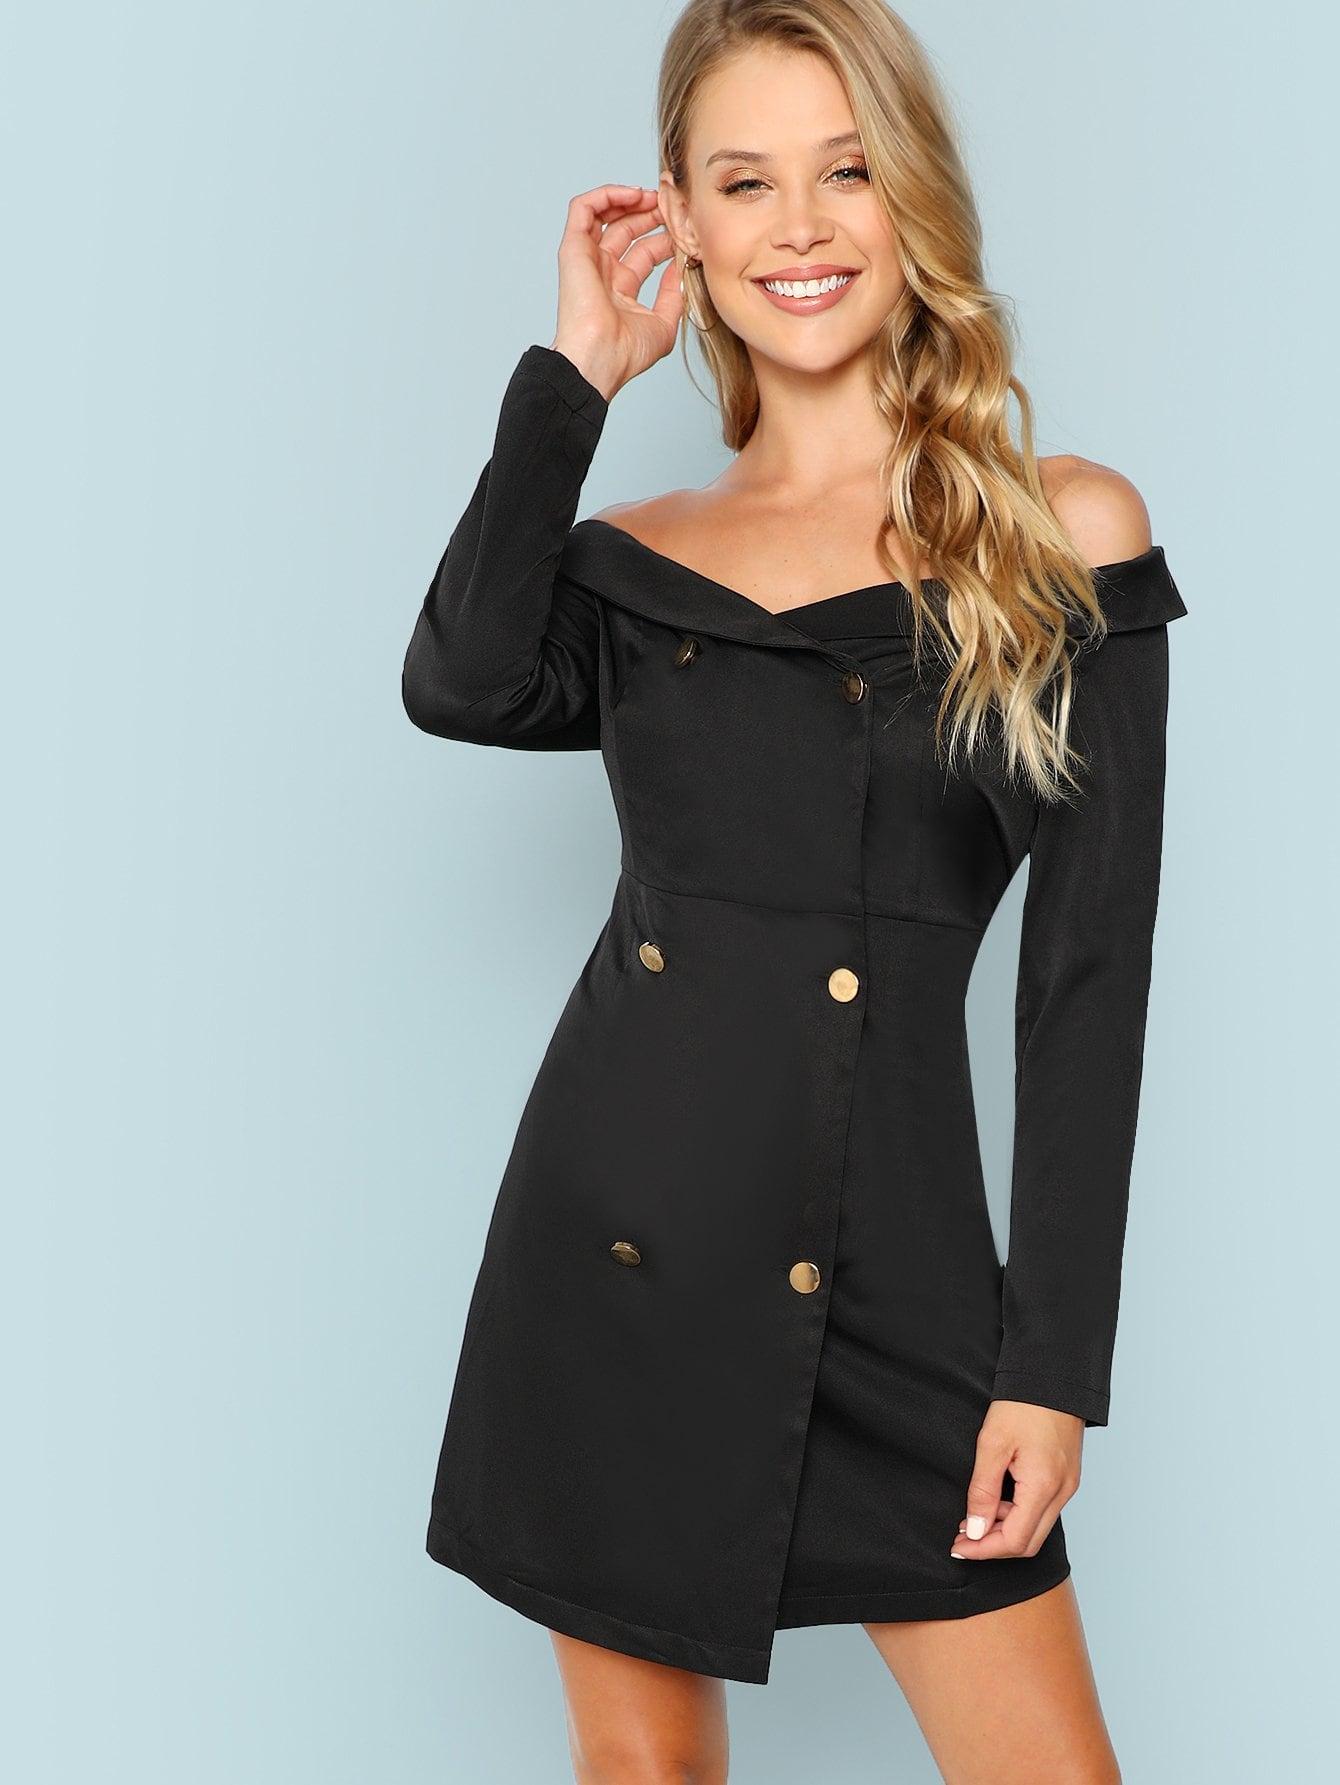 Купить Bardot Двубортное платье и с воротником, Allie Leggett, SheIn